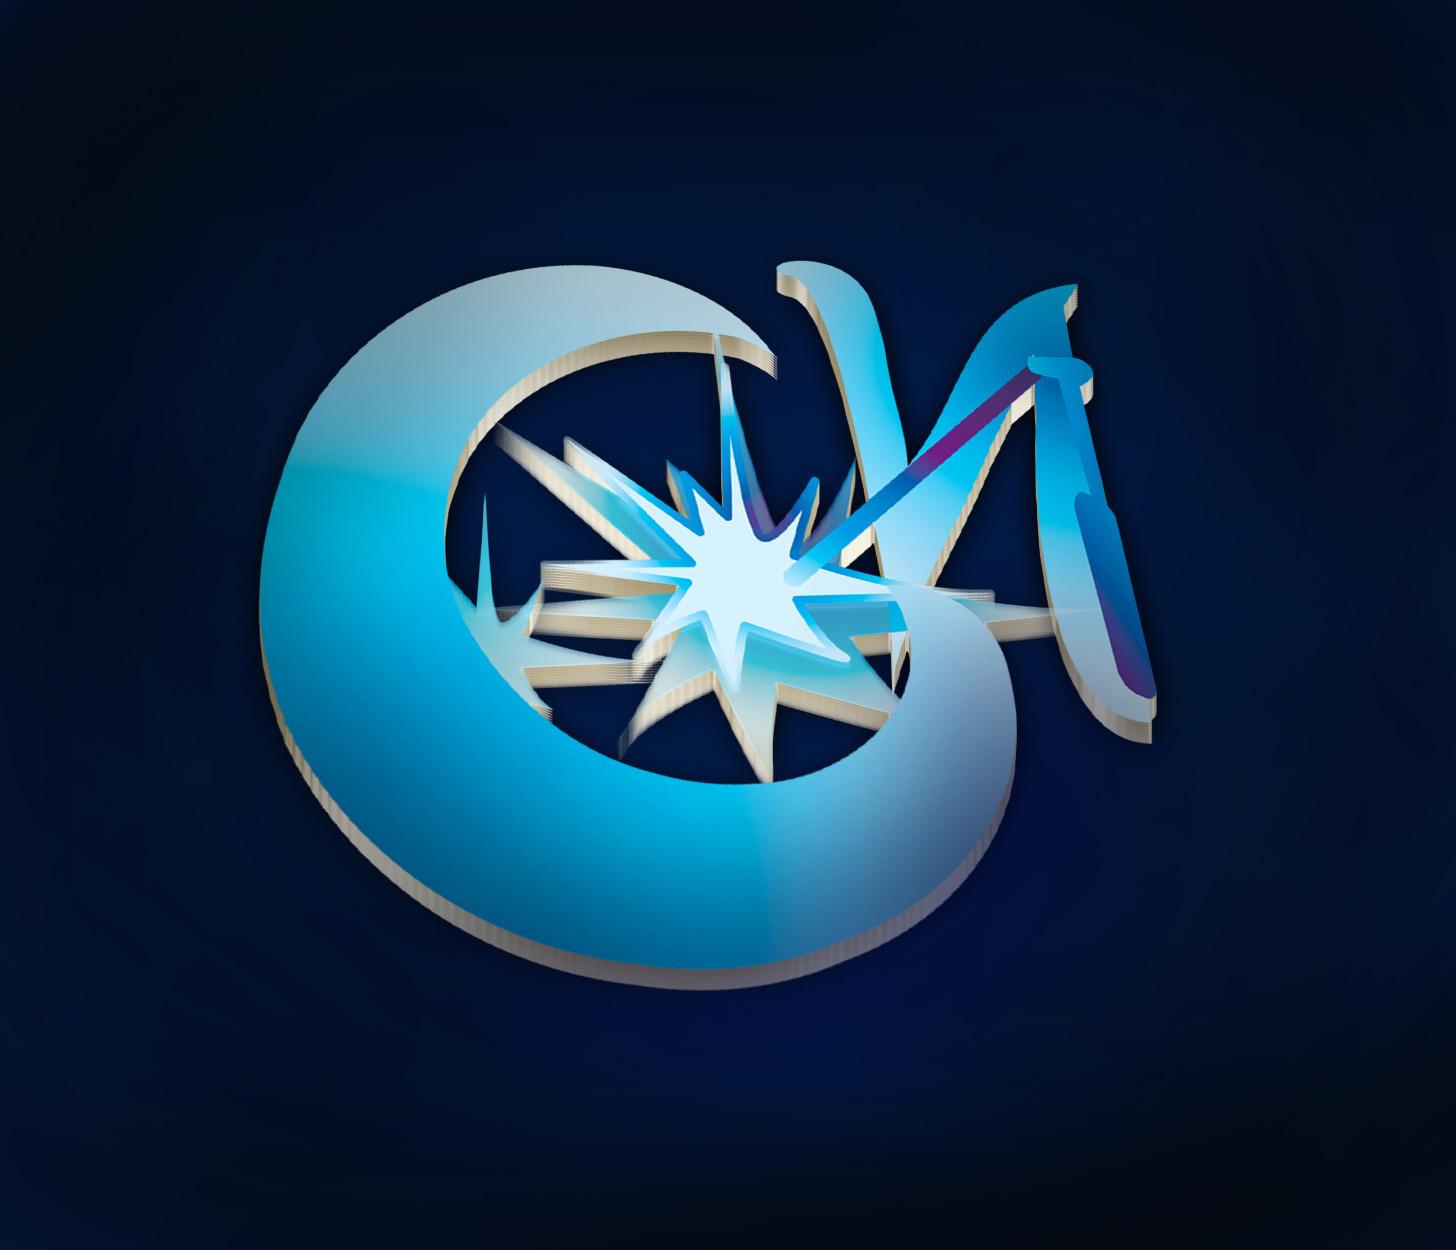 Разработка логотипа для Конкурса фото f_9645f6e3b3da66ad.jpg